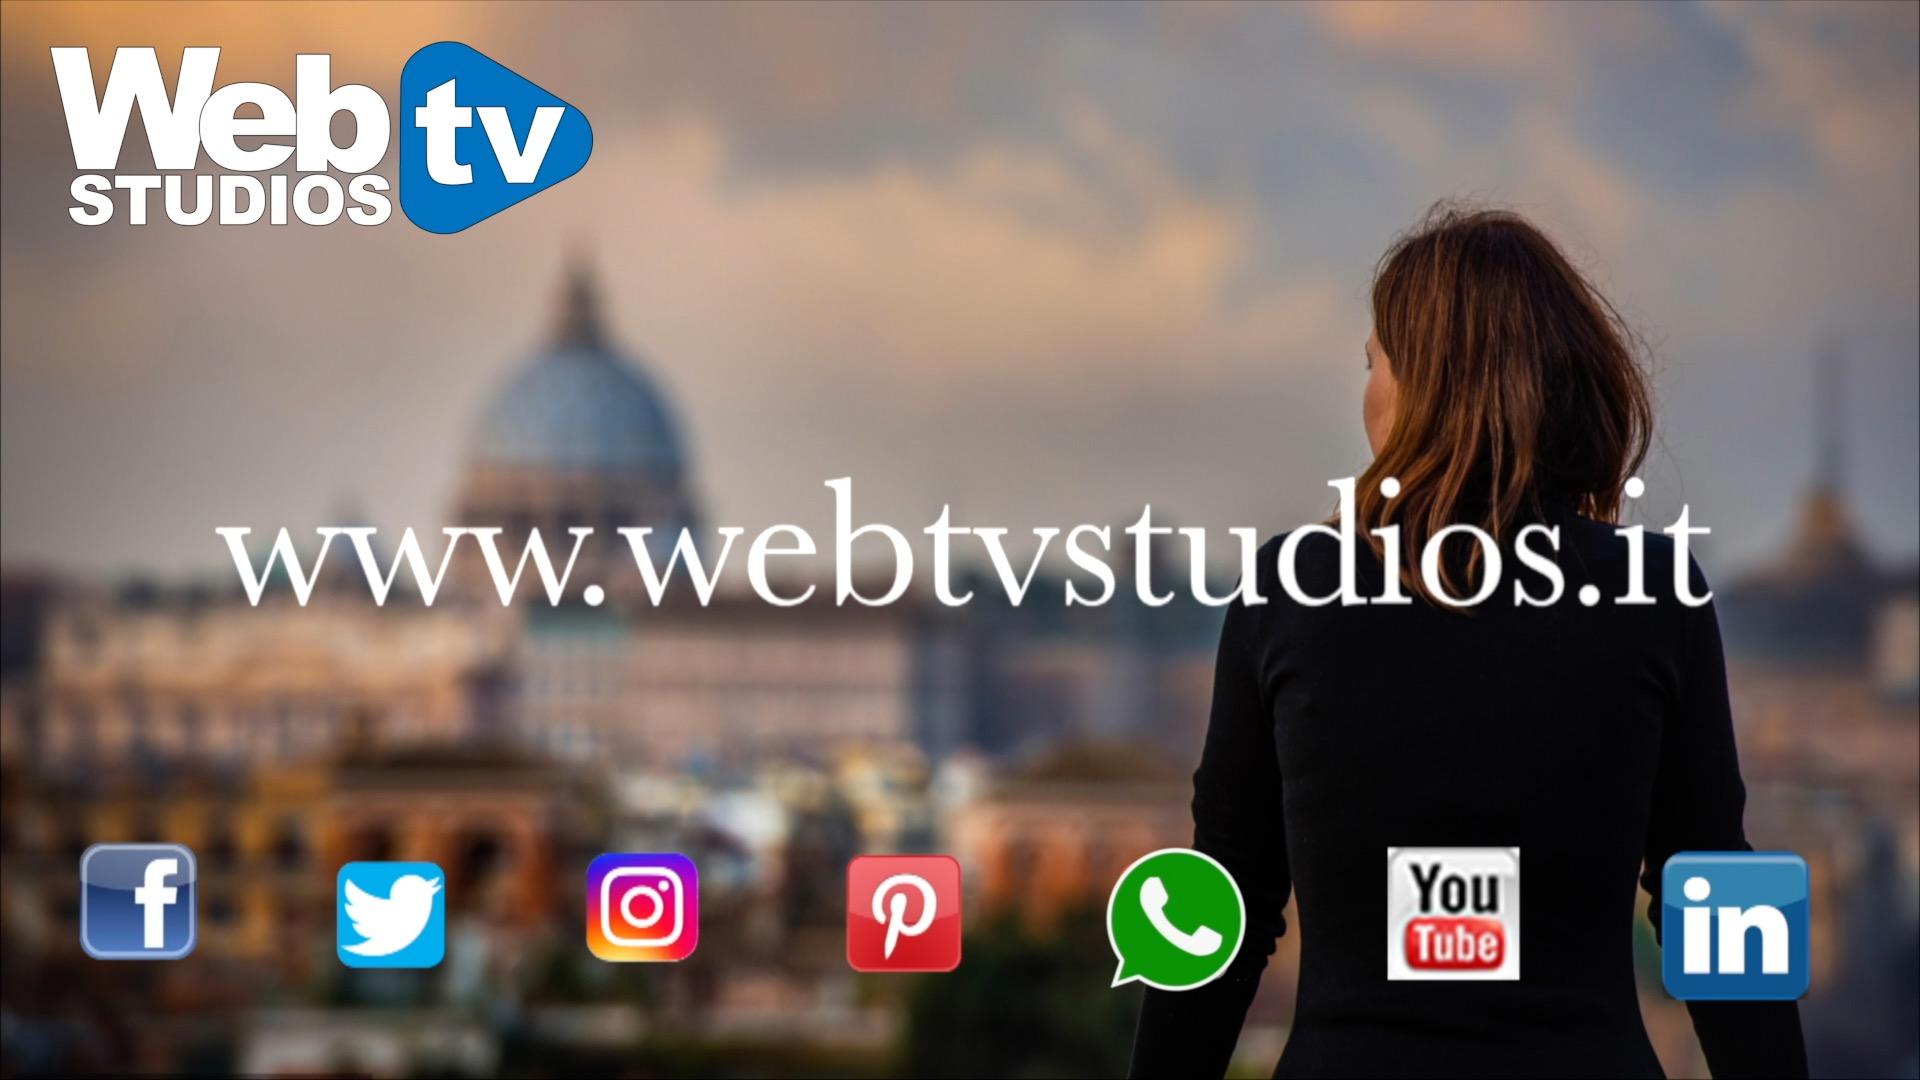 Web Tv Studios di Roma, Servizi Audiovisivi, Riprese Video, Interviste, Cortometraggi, Spoot Pubblicitari, Servizi Fotografici, Book Fotografici per Modelle e aspiranti Modelle, Eventi, Metting, Conferenze, Dirette Facebook, Editing video, Montaggio Video, tutto effettuato con cura e con alta professionalità Video in Full Hd & 4k